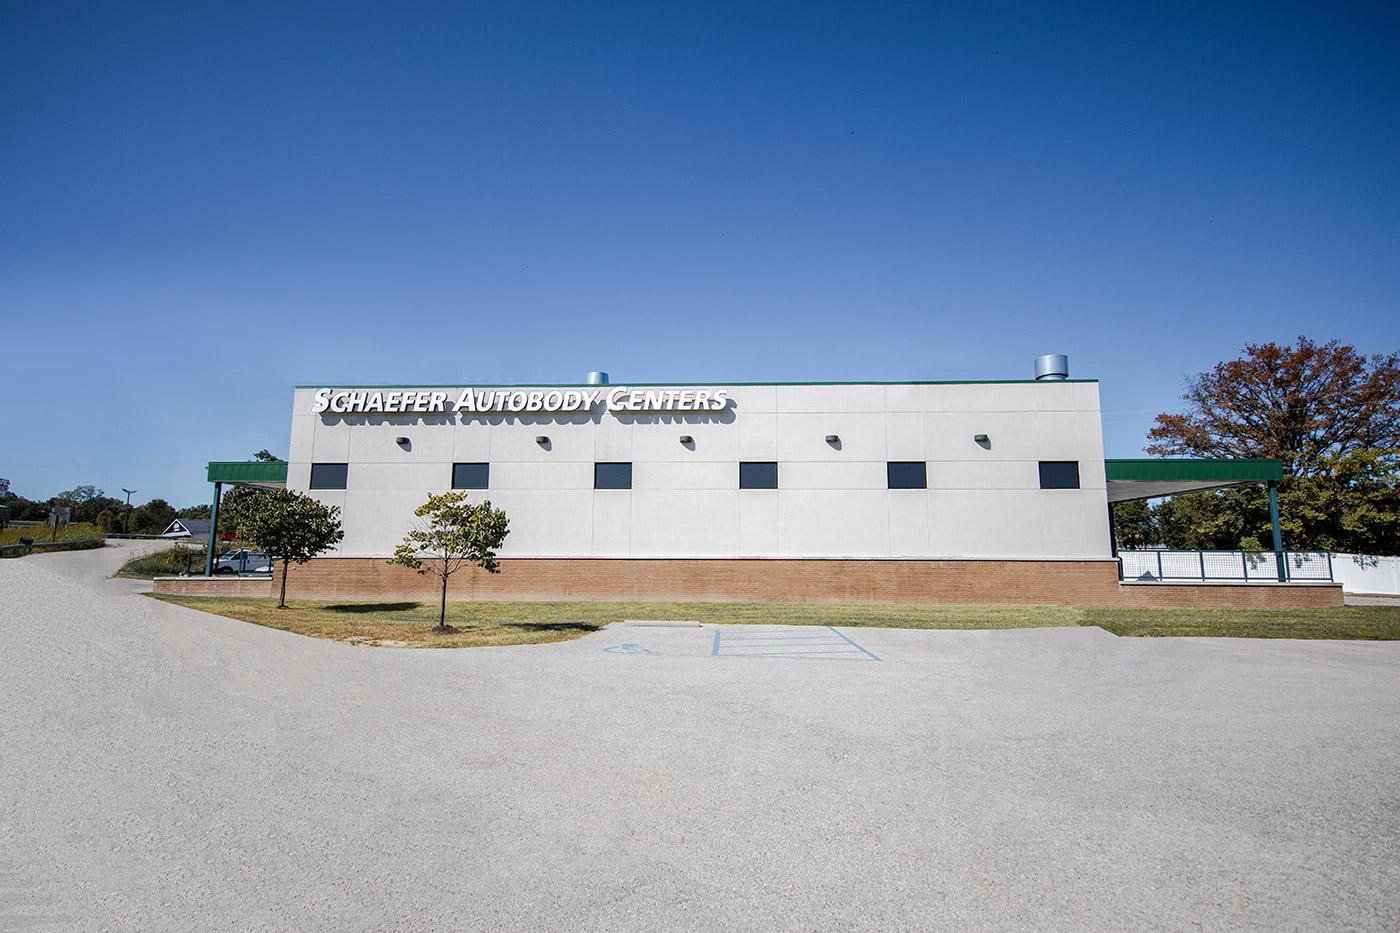 Exterior of the O'Fallon, MO, building